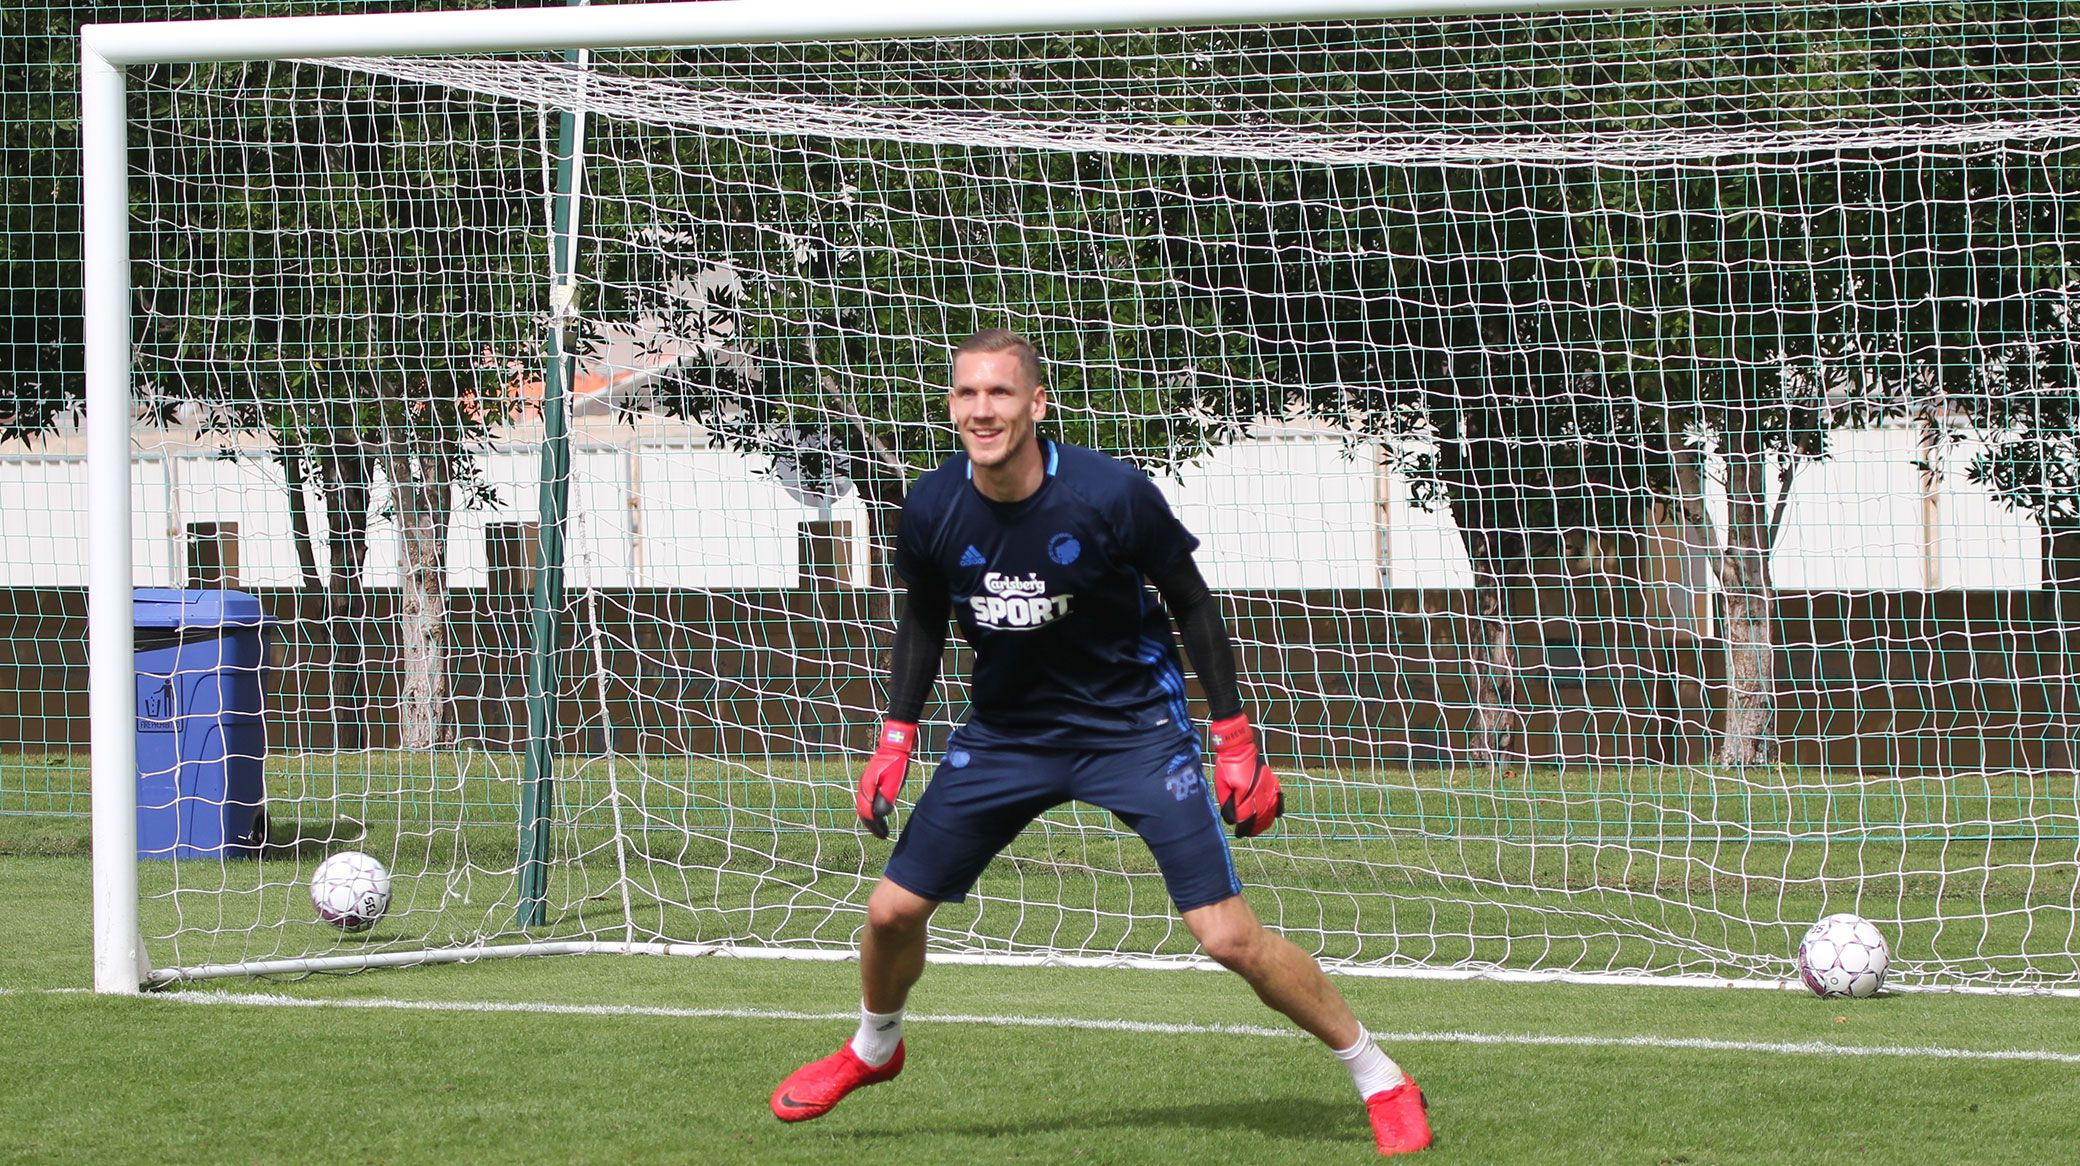 Robin olsen back in full training f c k benhavn for Robin olsen squadre attuali